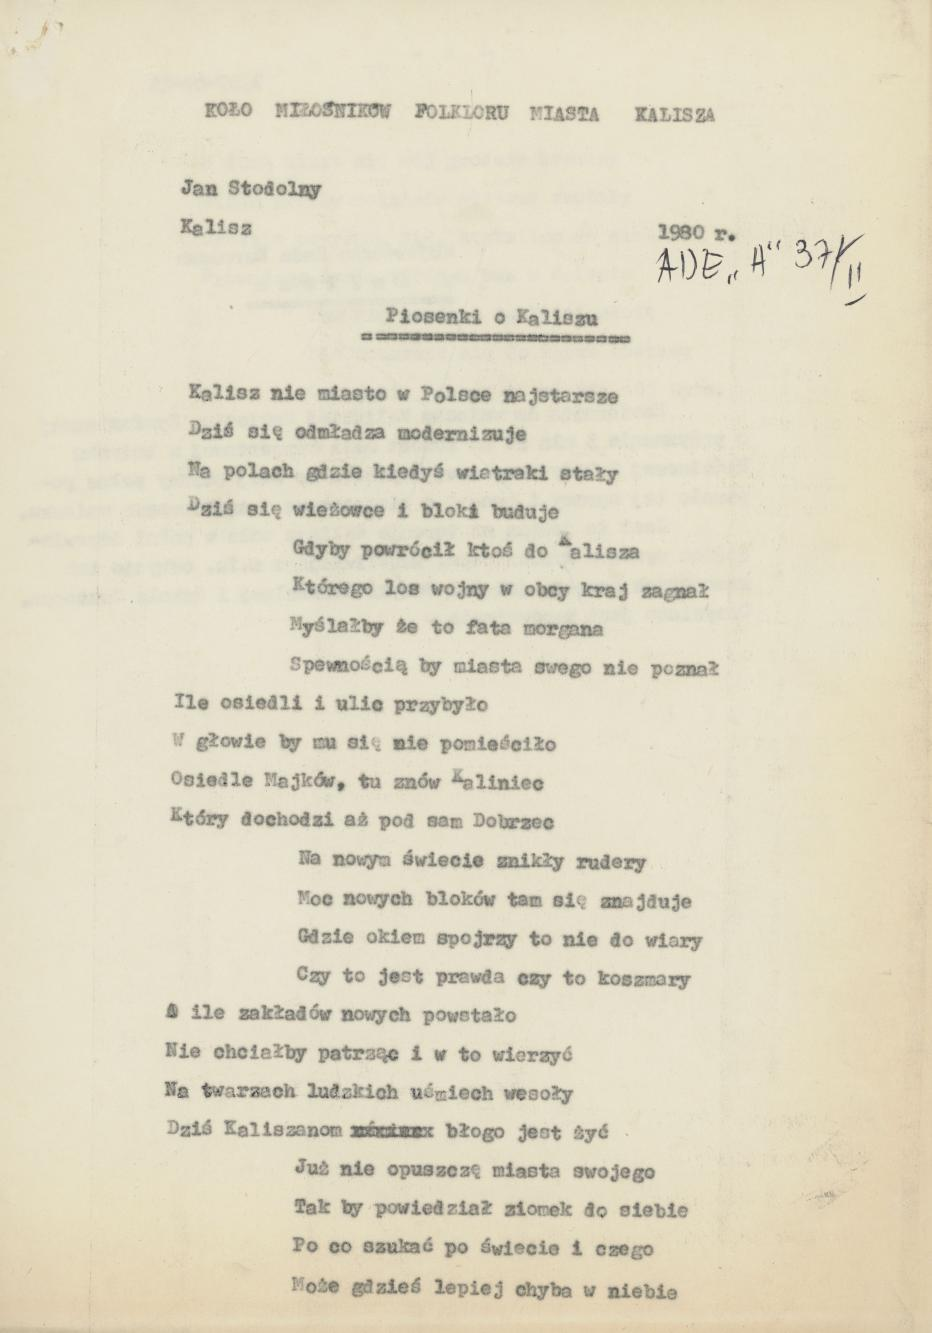 Piosenki o Kaliszu